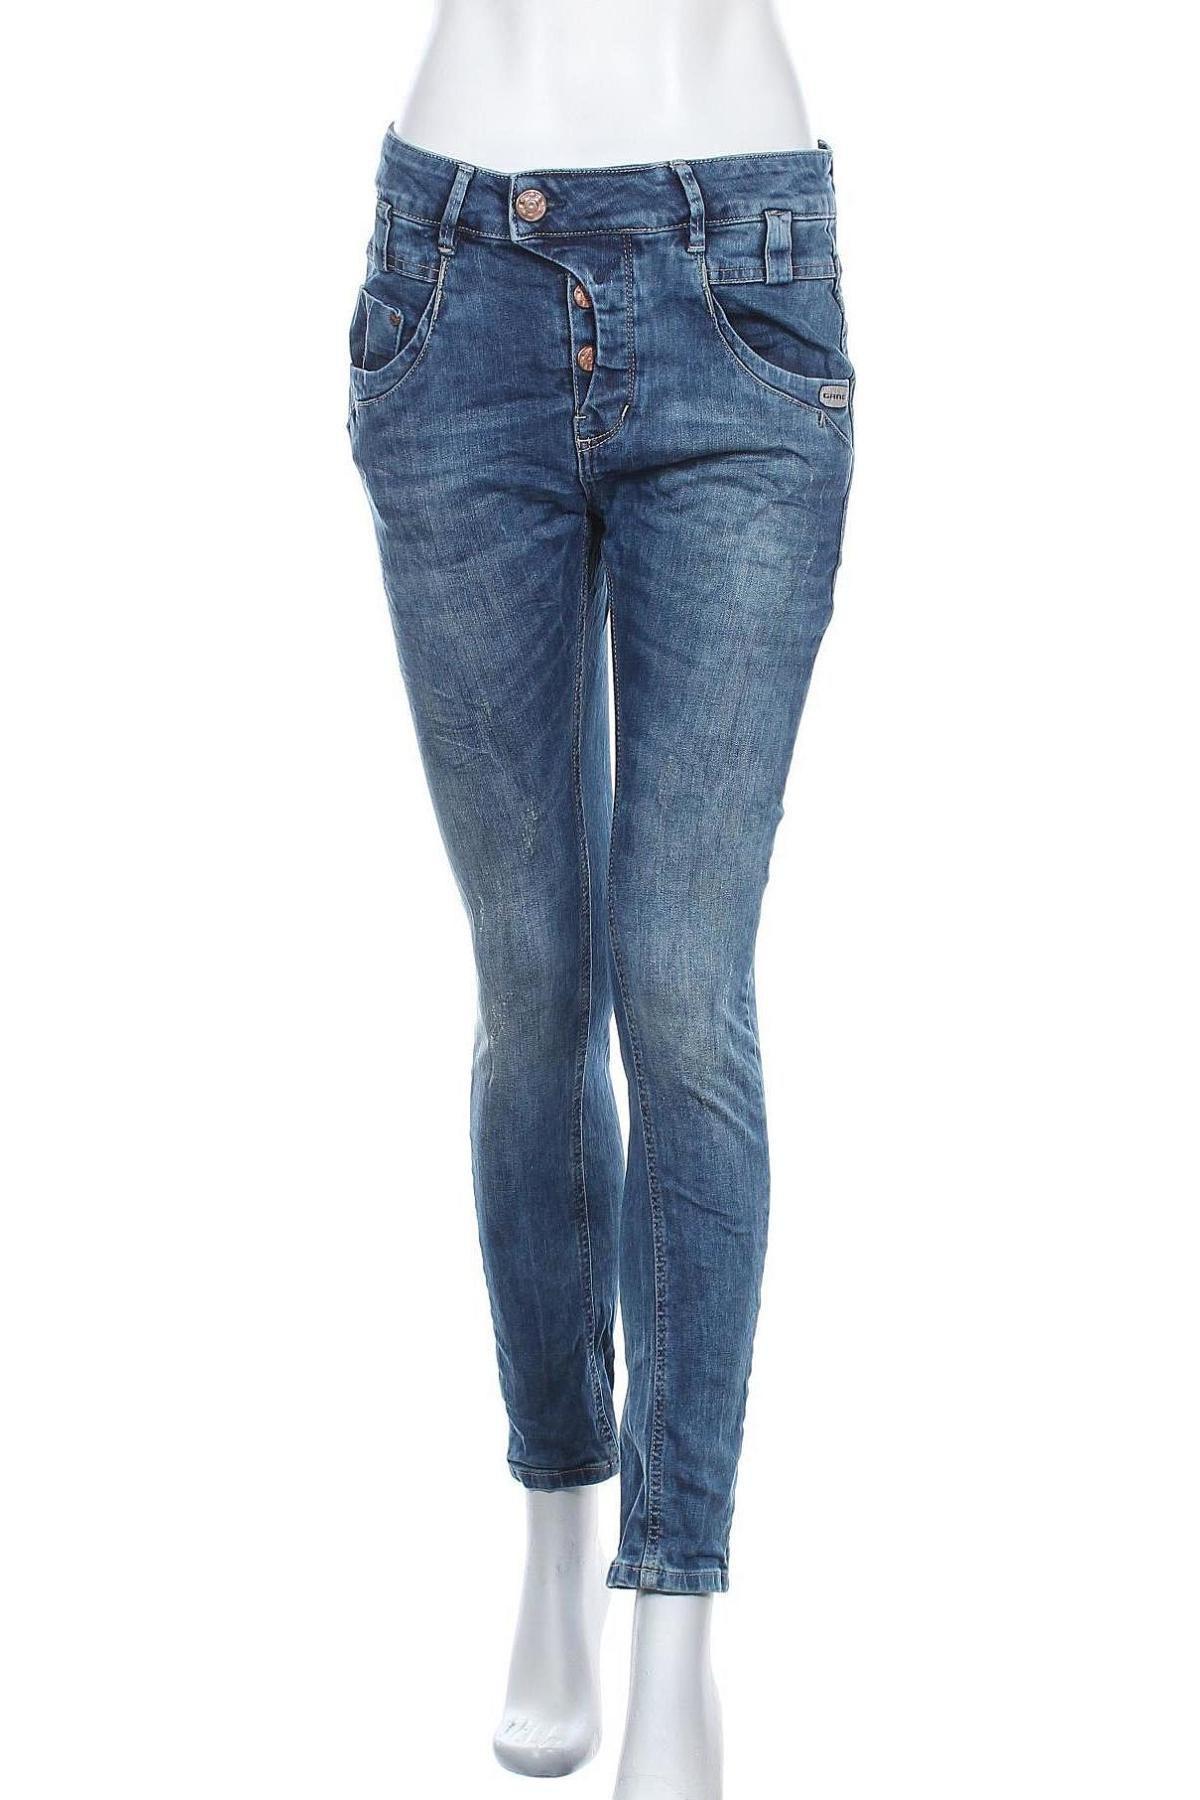 Дамски дънки Gang, Размер L, Цвят Син, 99% памук, 1% еластан, Цена 30,36лв.